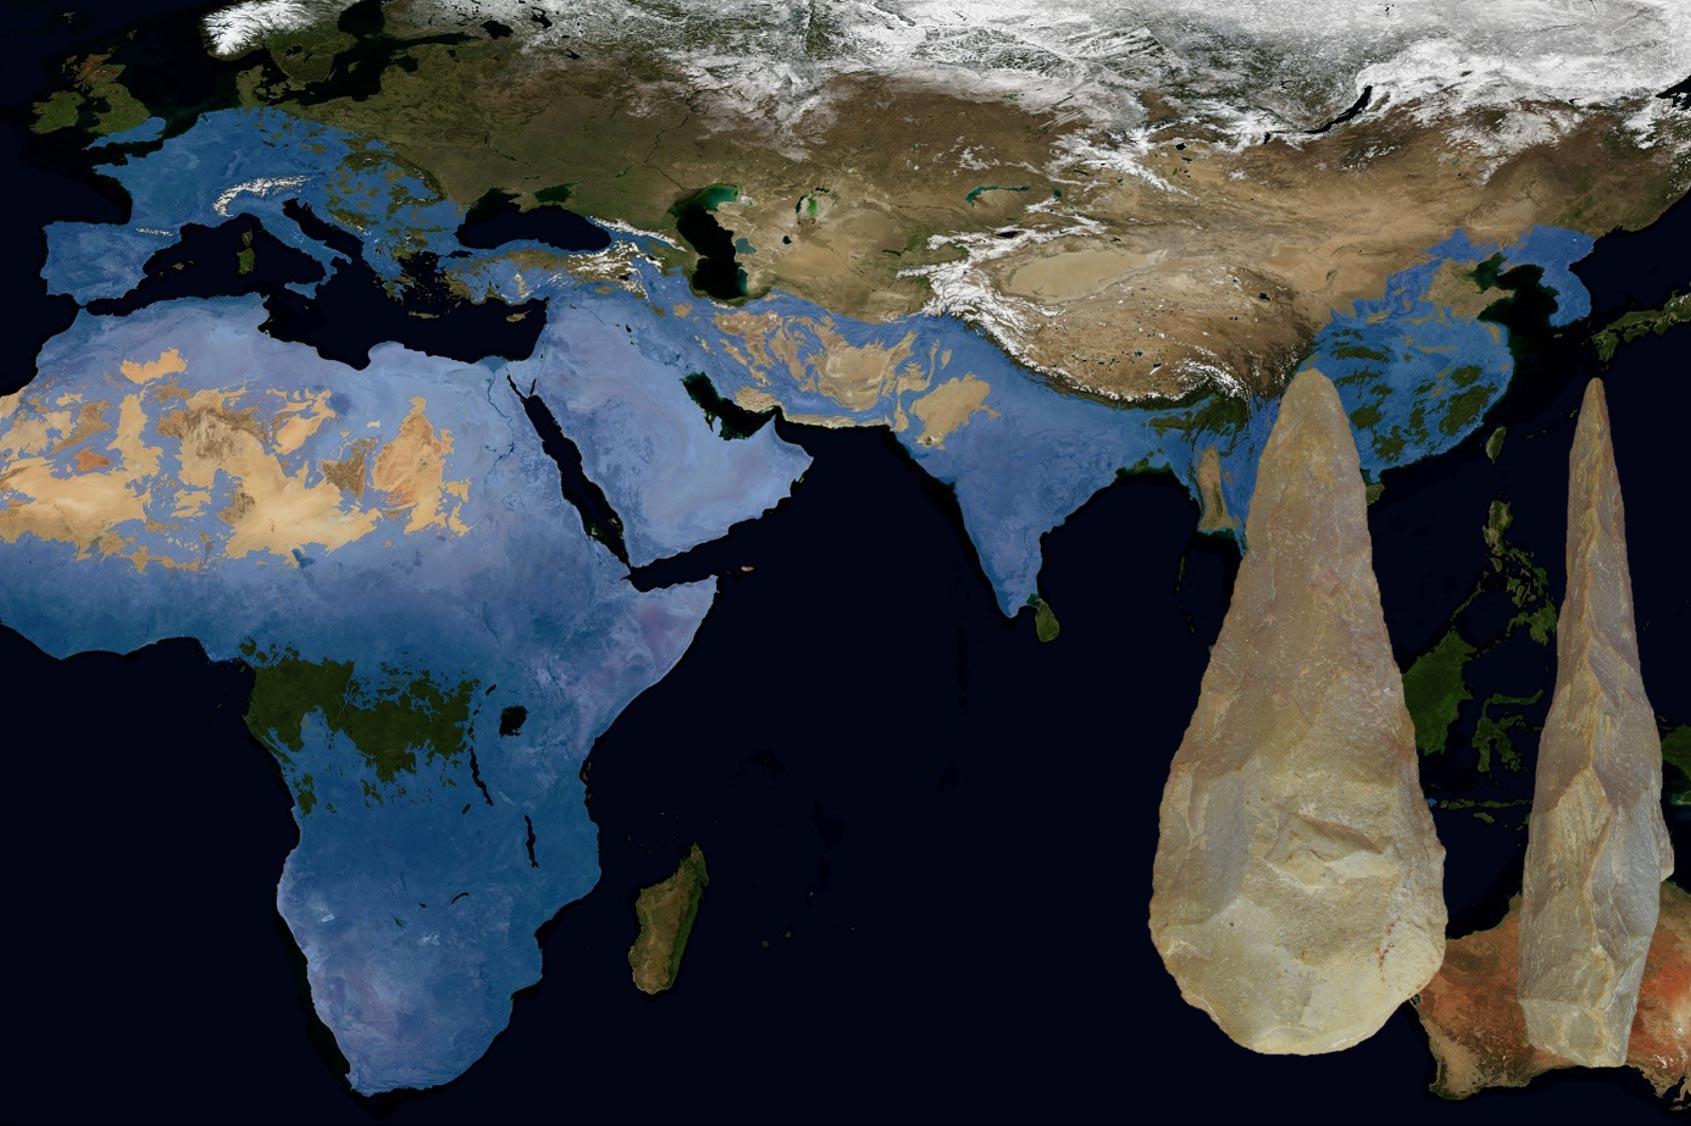 尼安德特人和早期现代人的文化与古老传统共存超过10万年